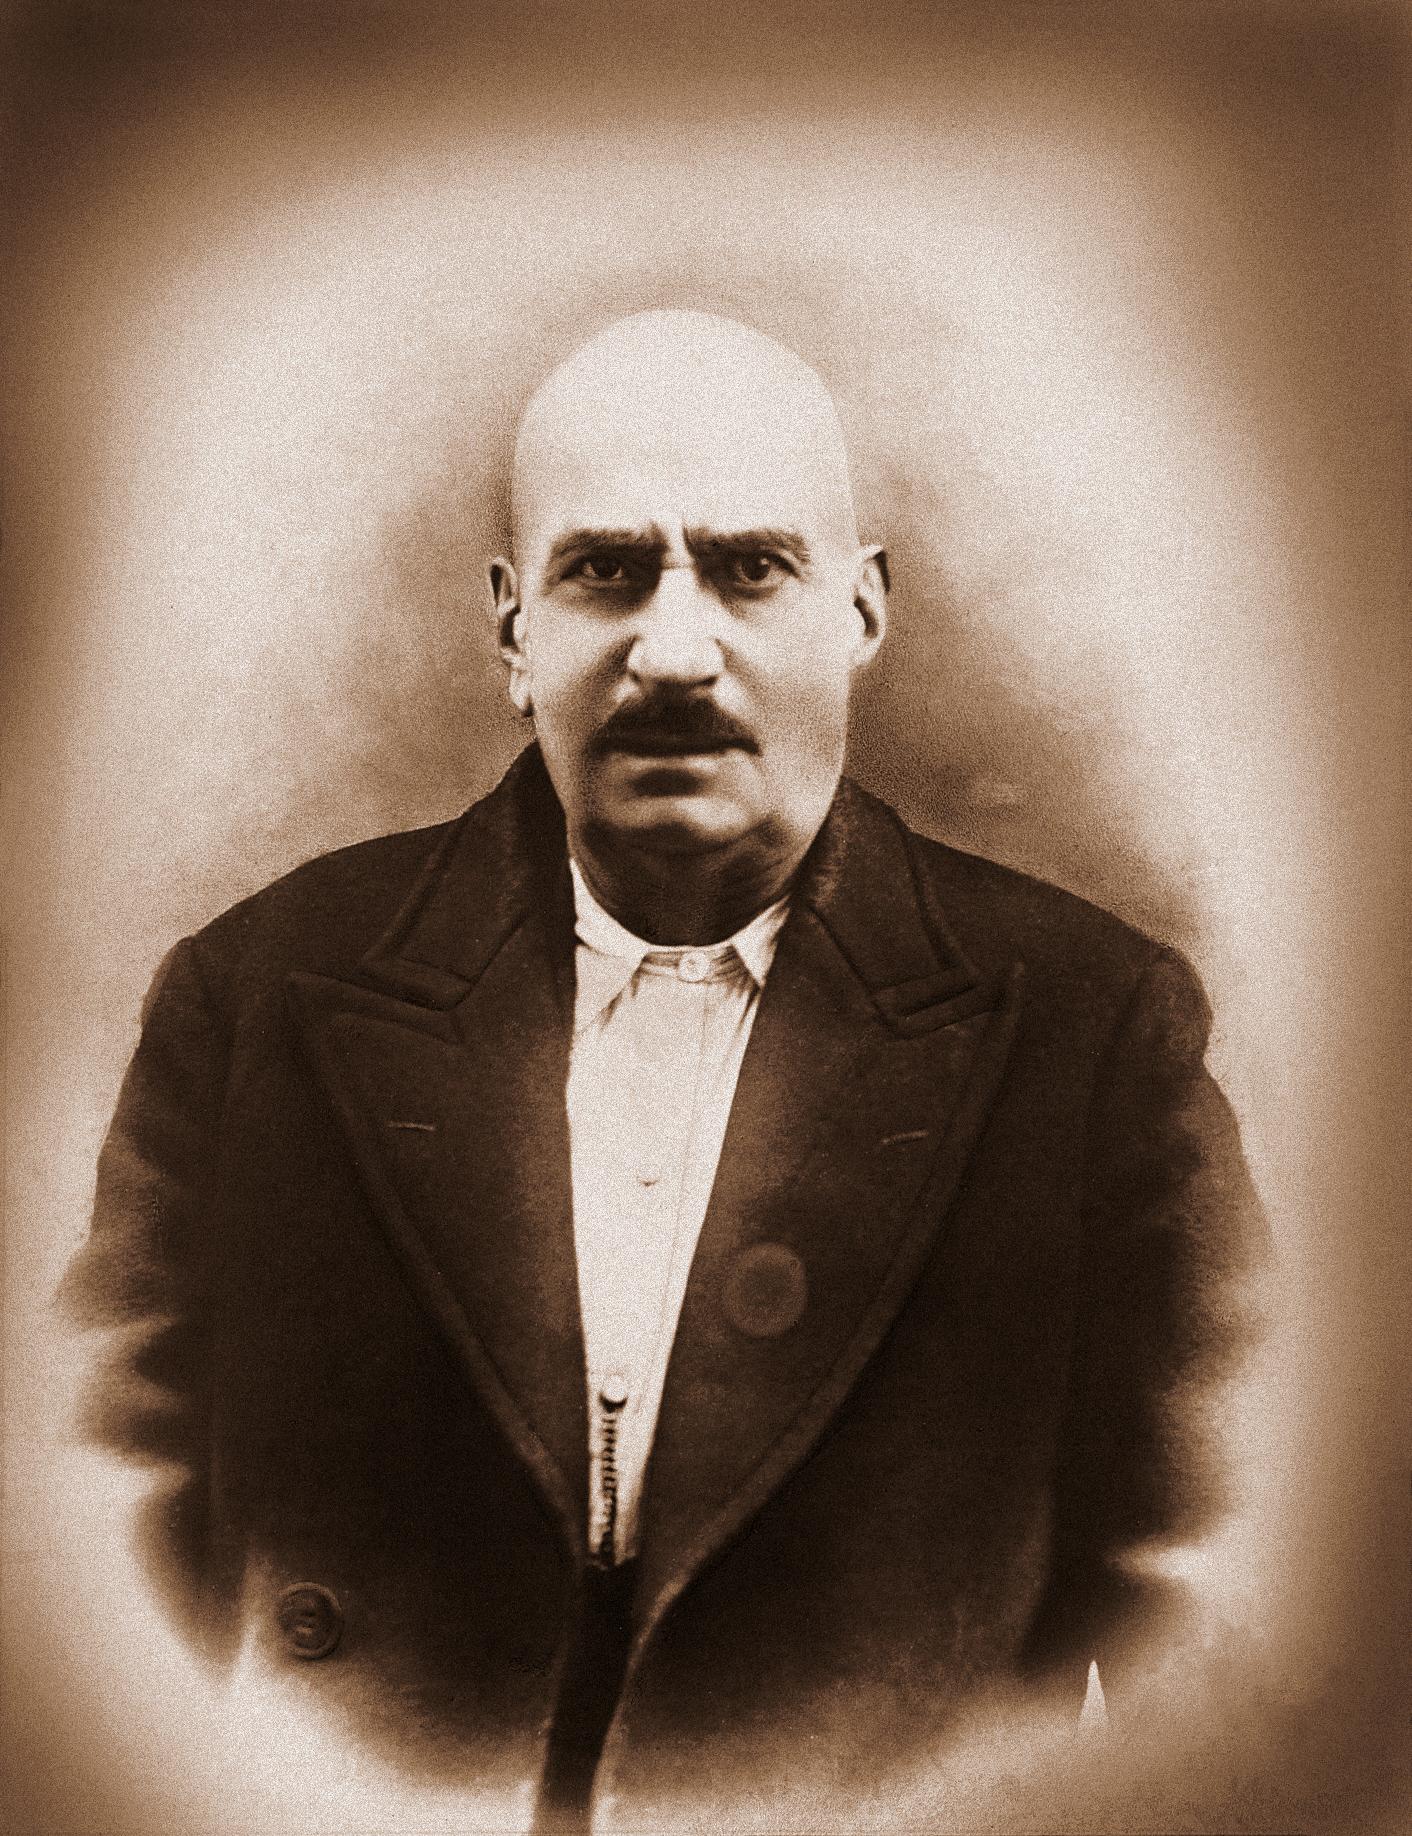 Kebapçı Mehmet oğlu İskender Efendi